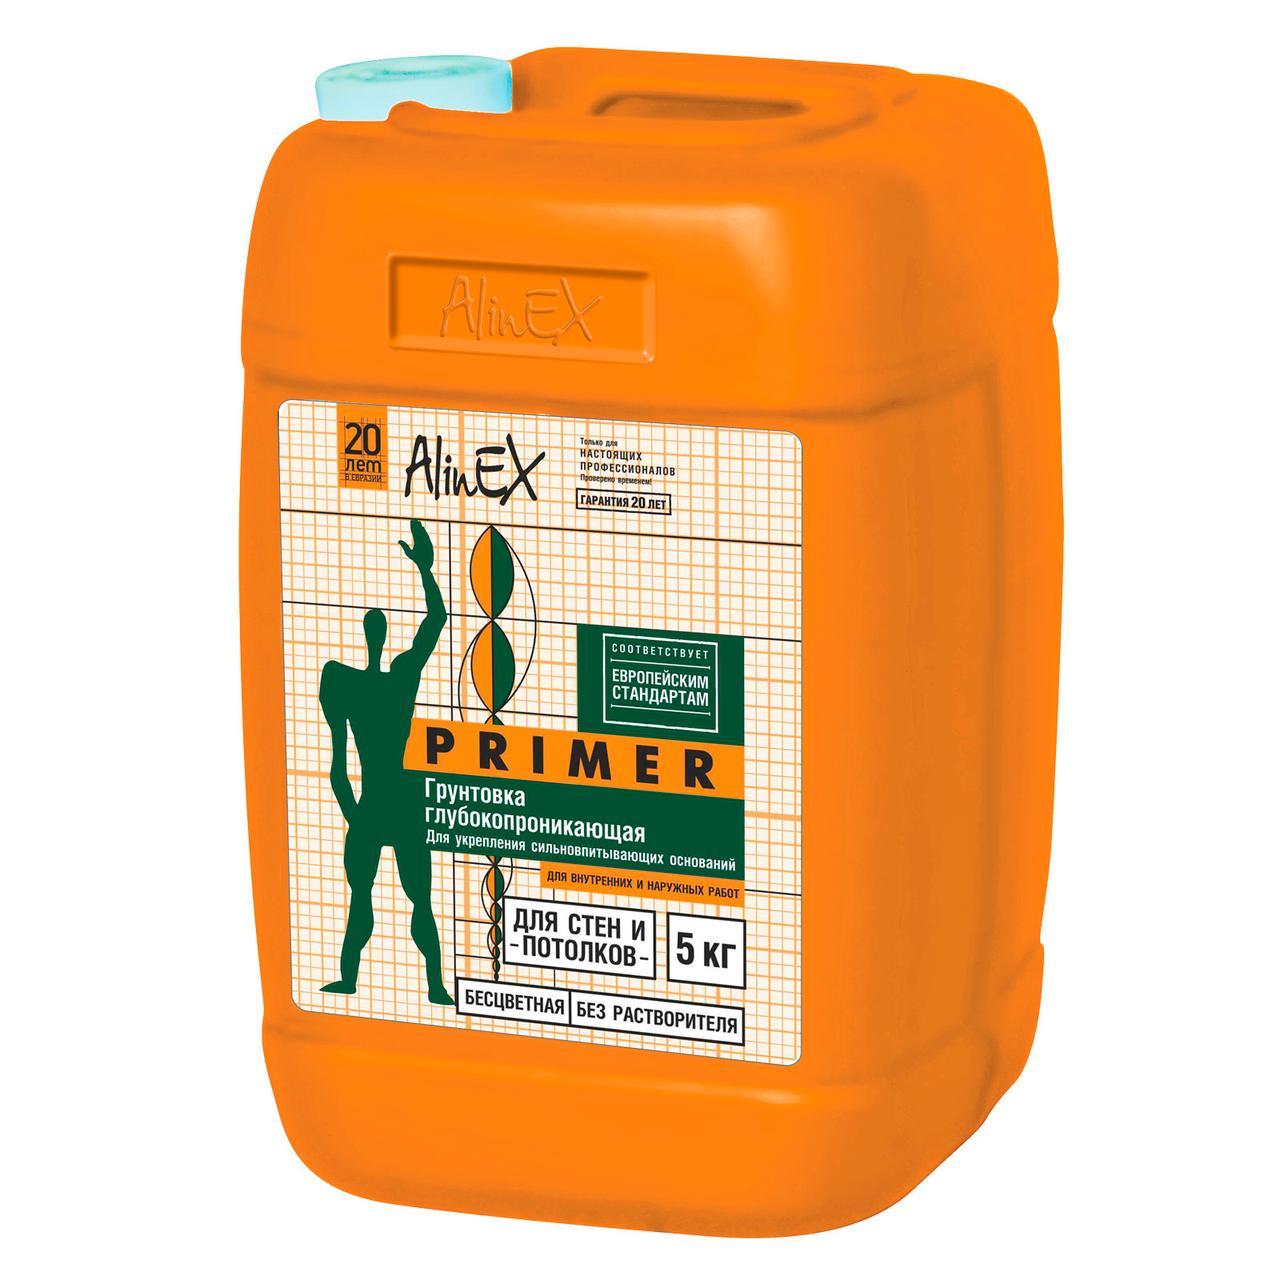 Грунтовка Алинэкс Primer для пола 5 кг